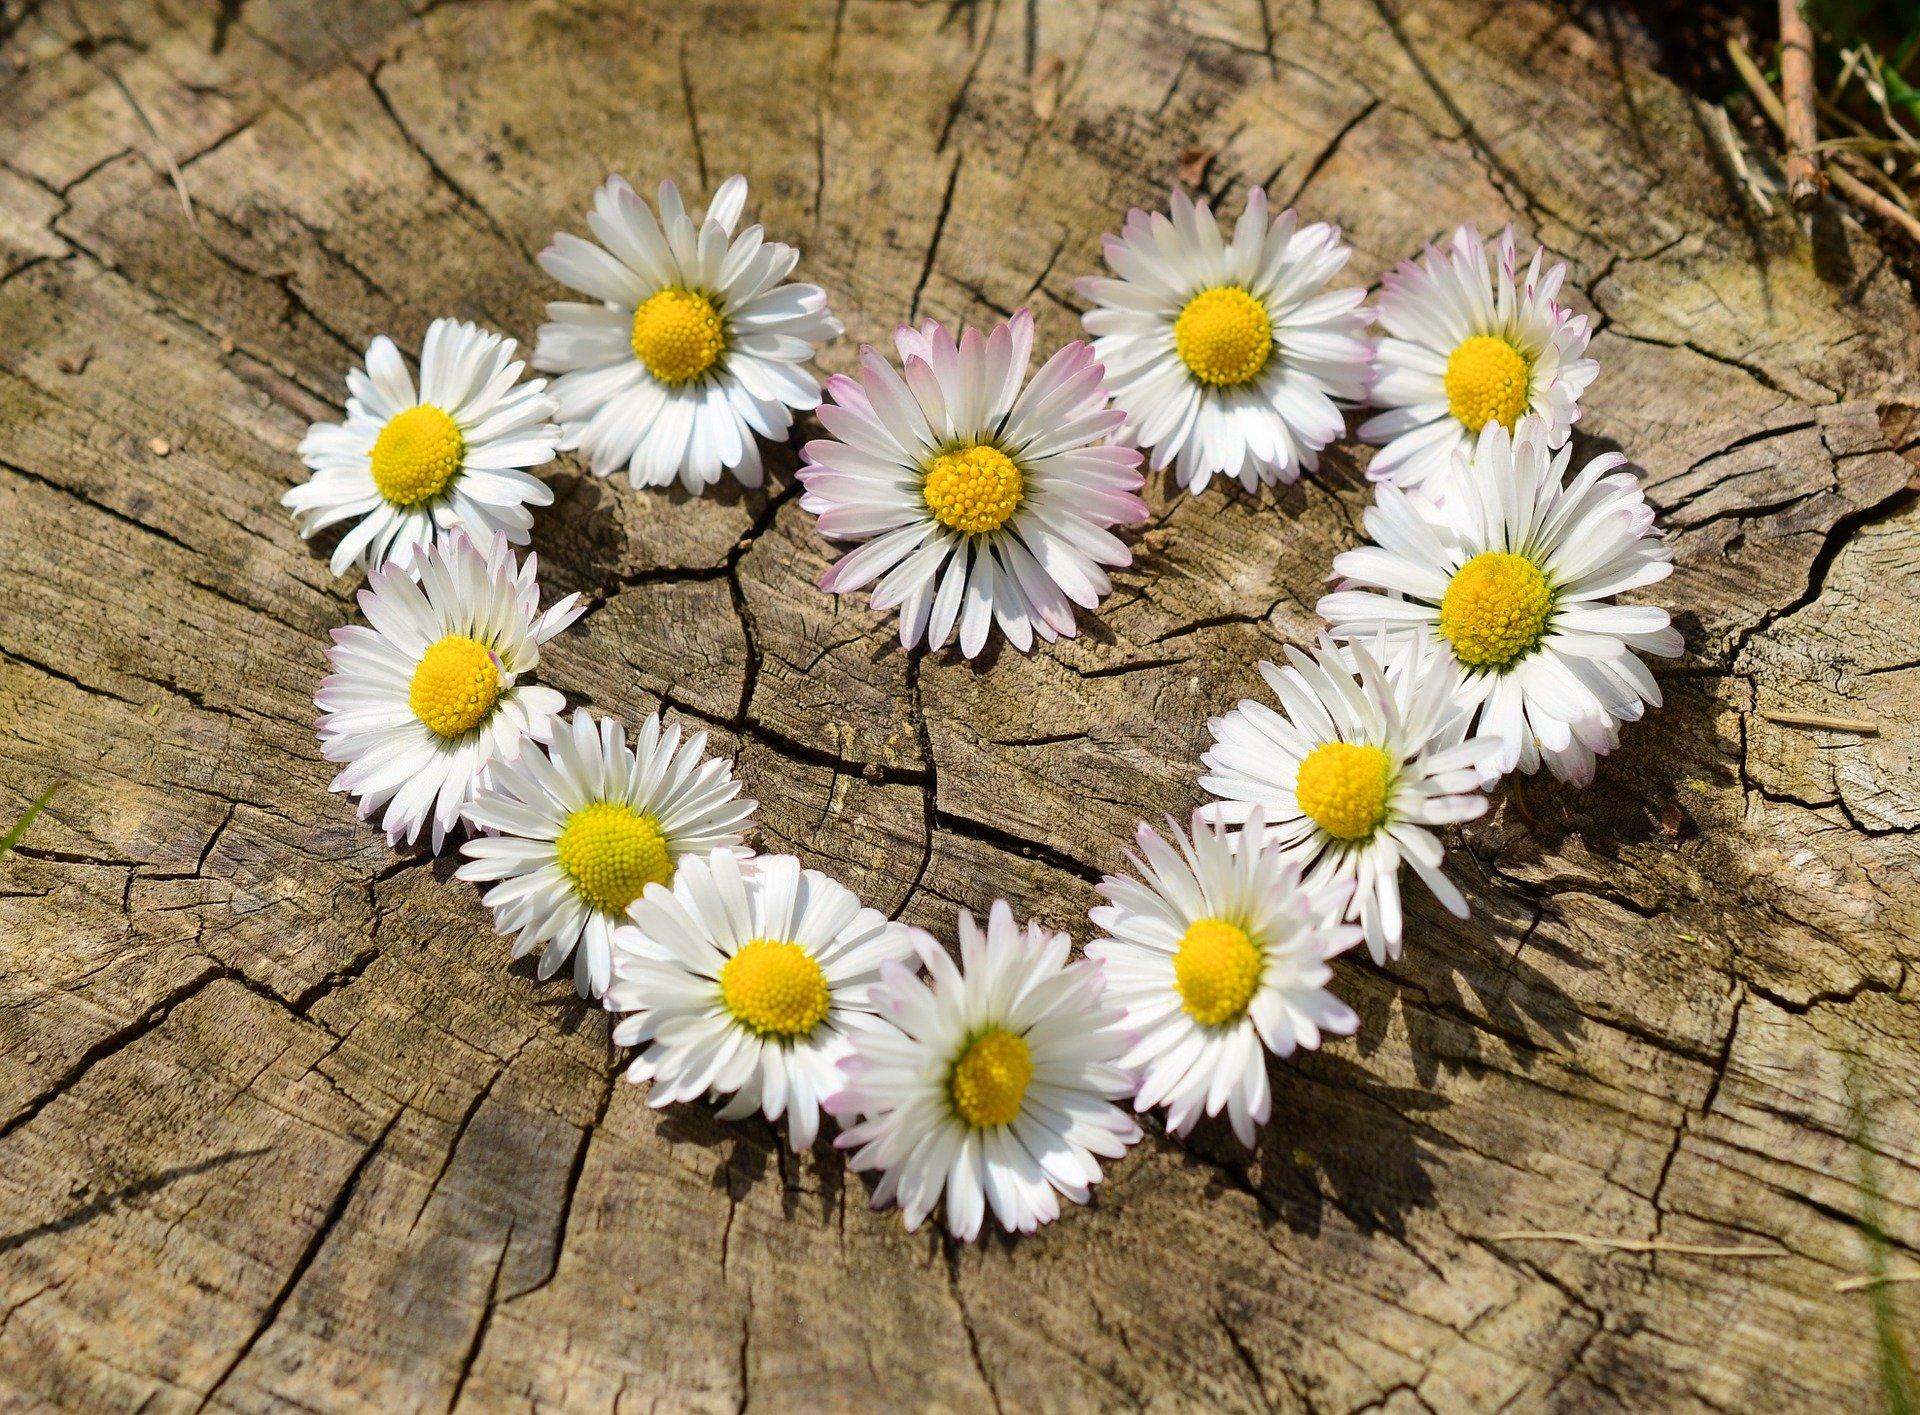 Ein Herz aus Gänseblümchen auf einem Baumstamm